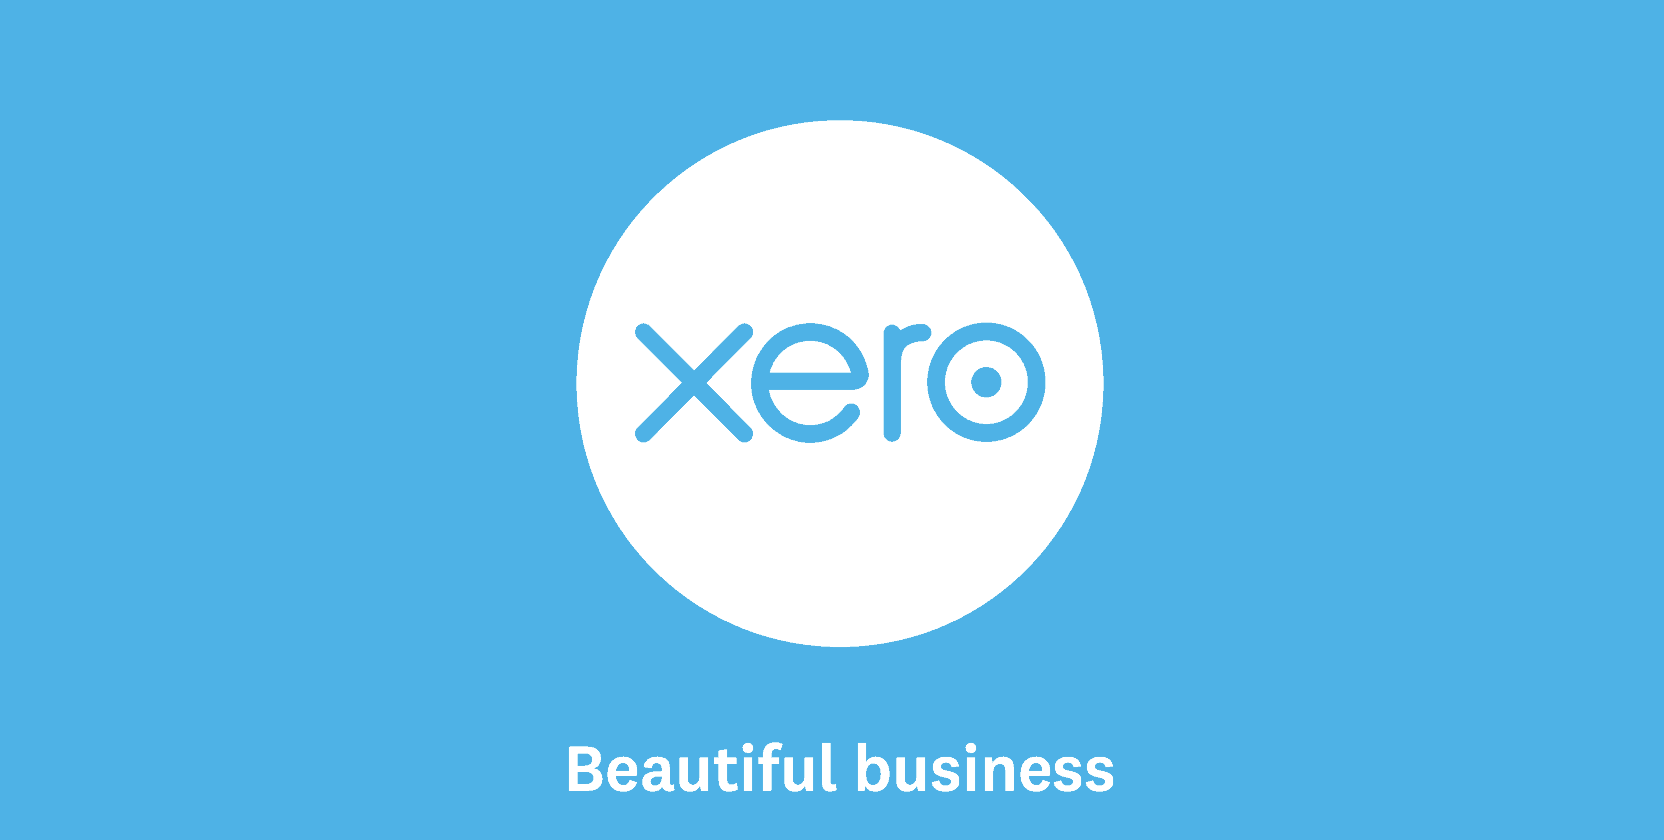 xero share price